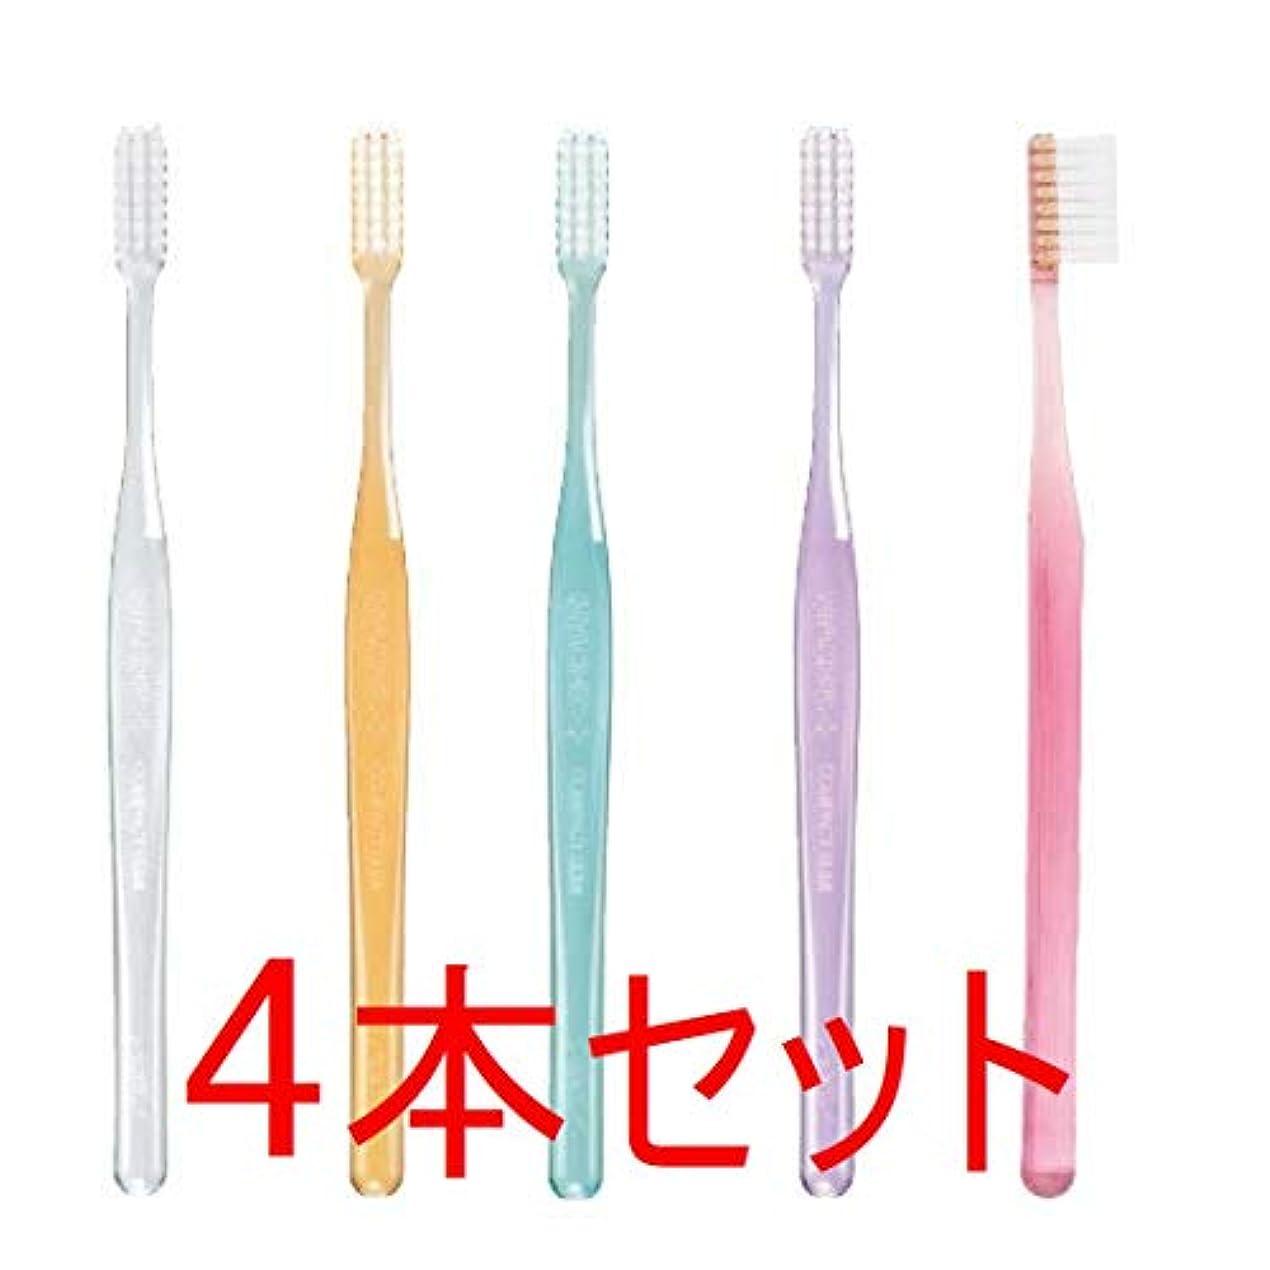 テロ財団充実GC プロスペック 歯ブラシ プラス コンパクトスリム 4本 クリアー色 (M(ふつう), おまかせ)